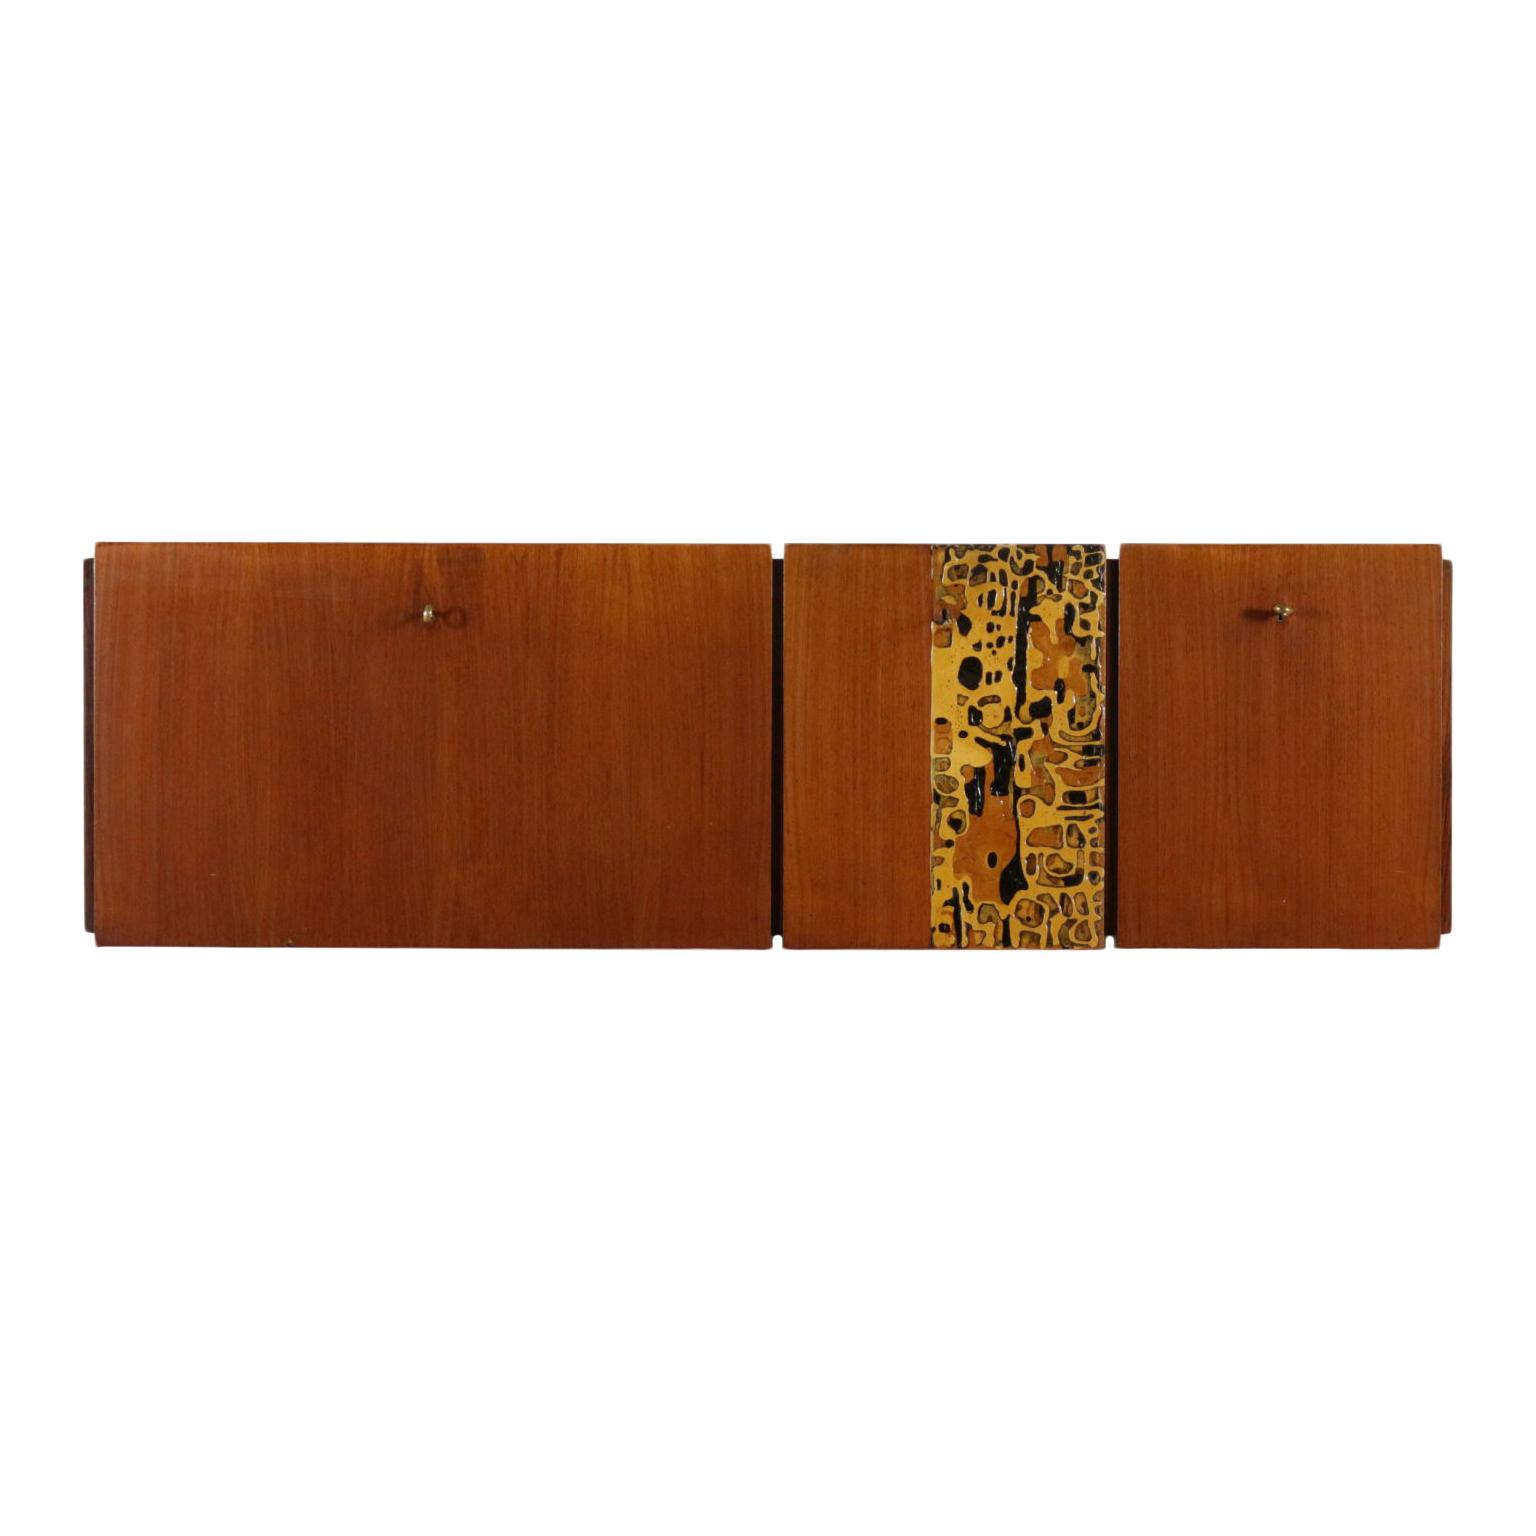 buffet années 60 - meubles - design moderne - dimanoinmano.it